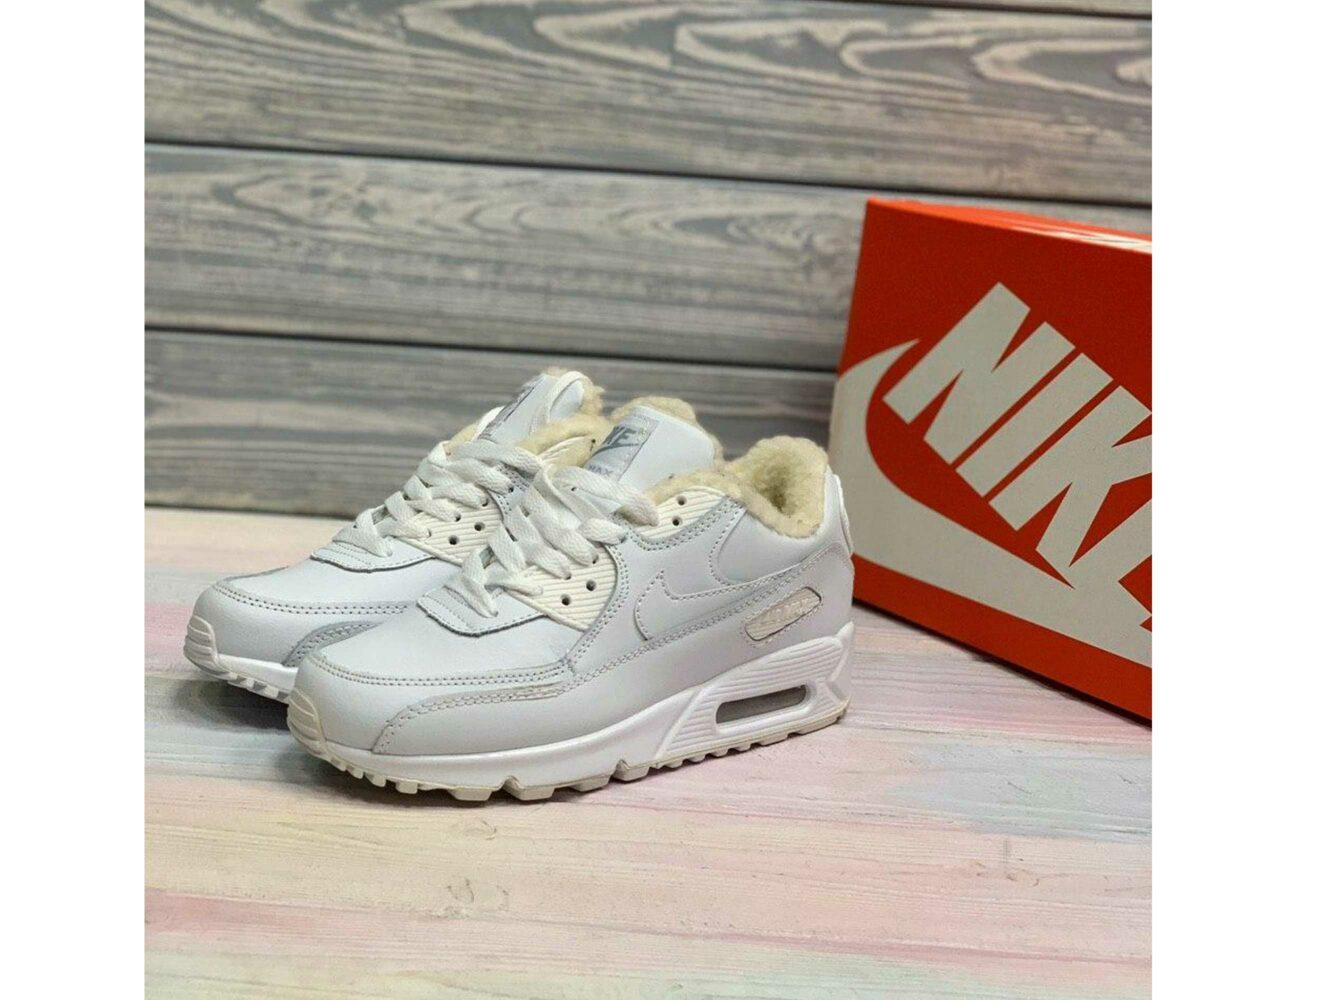 nike air max 90 LTR all white winter купить